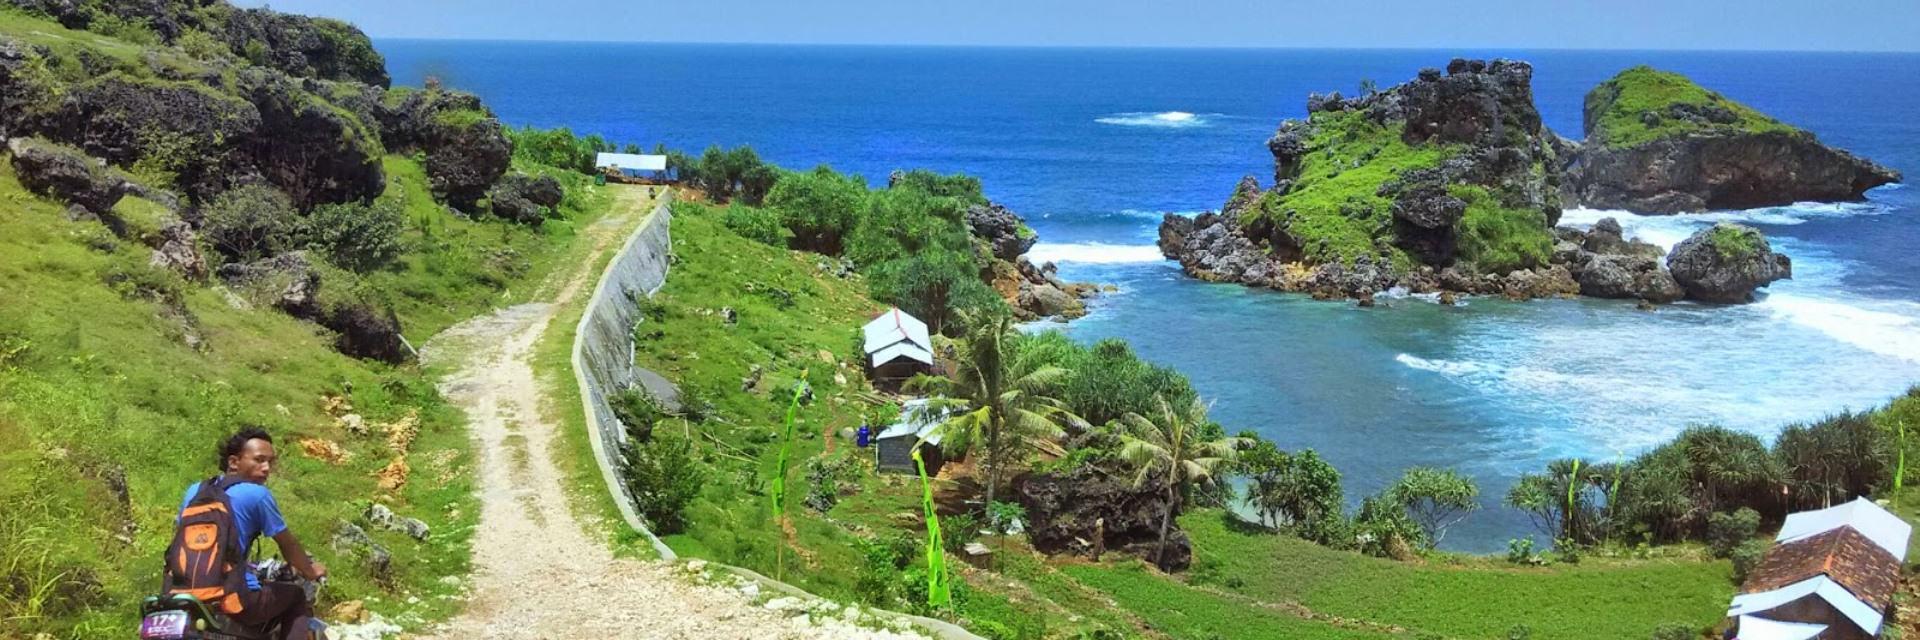 9 Pantai Terbaik di Yogyakarta 9 Pantai Terbaik di Yogyakarta - Dolan Dolen